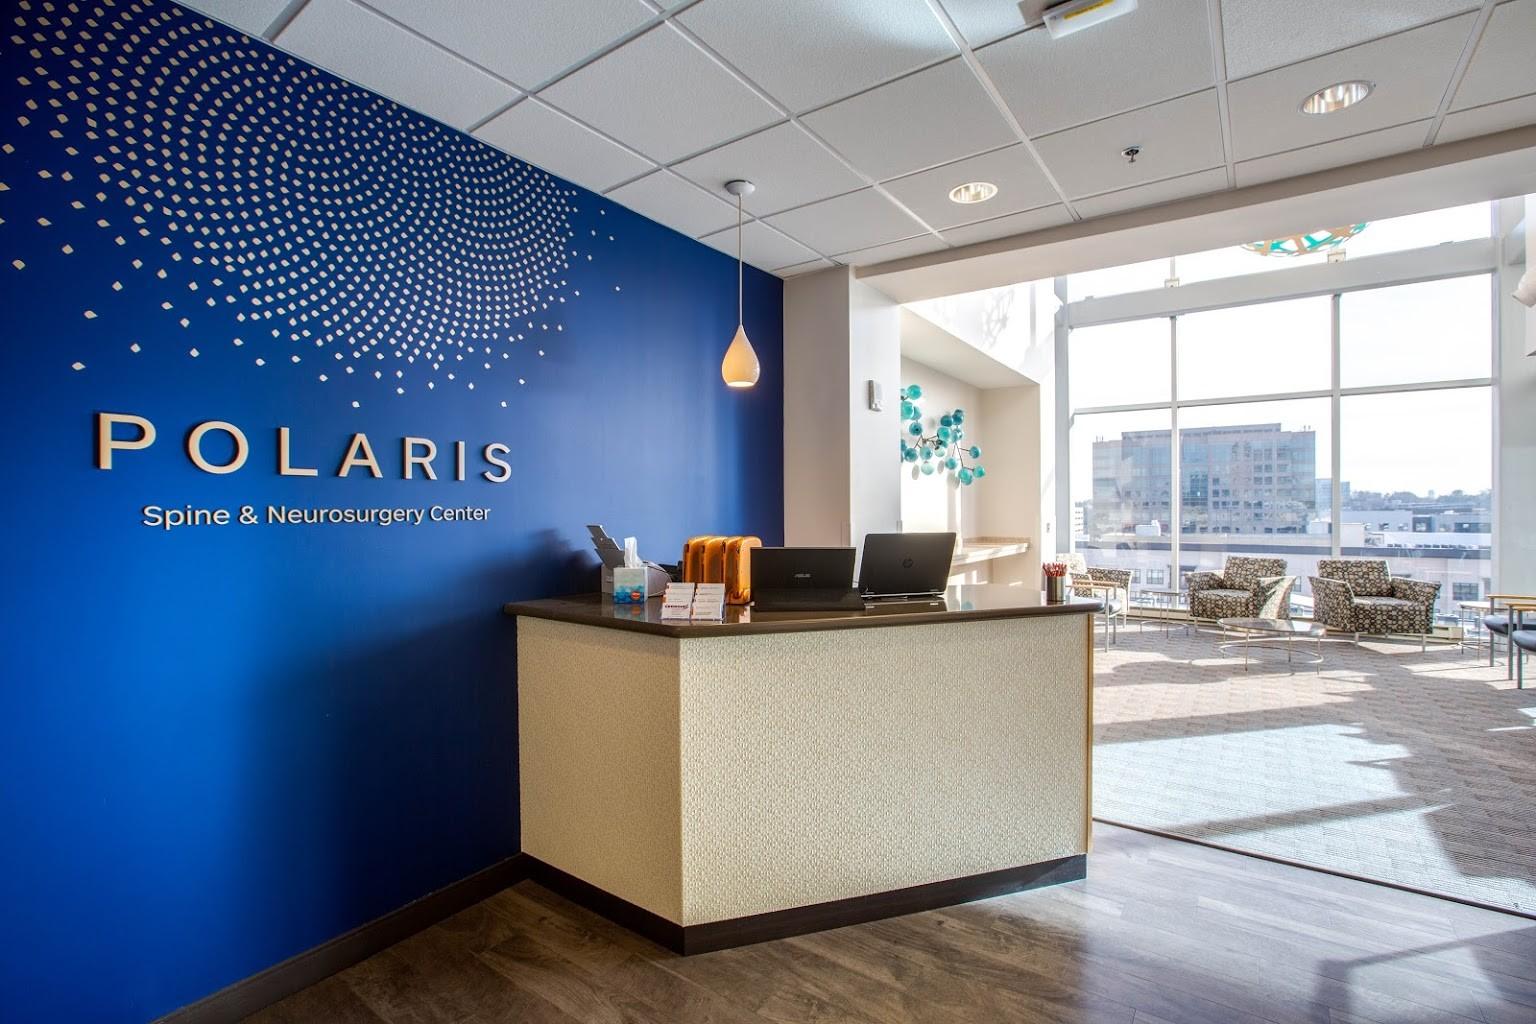 reception desk at Polaris Spine & Neurosurgery Center in Atlanta, GA